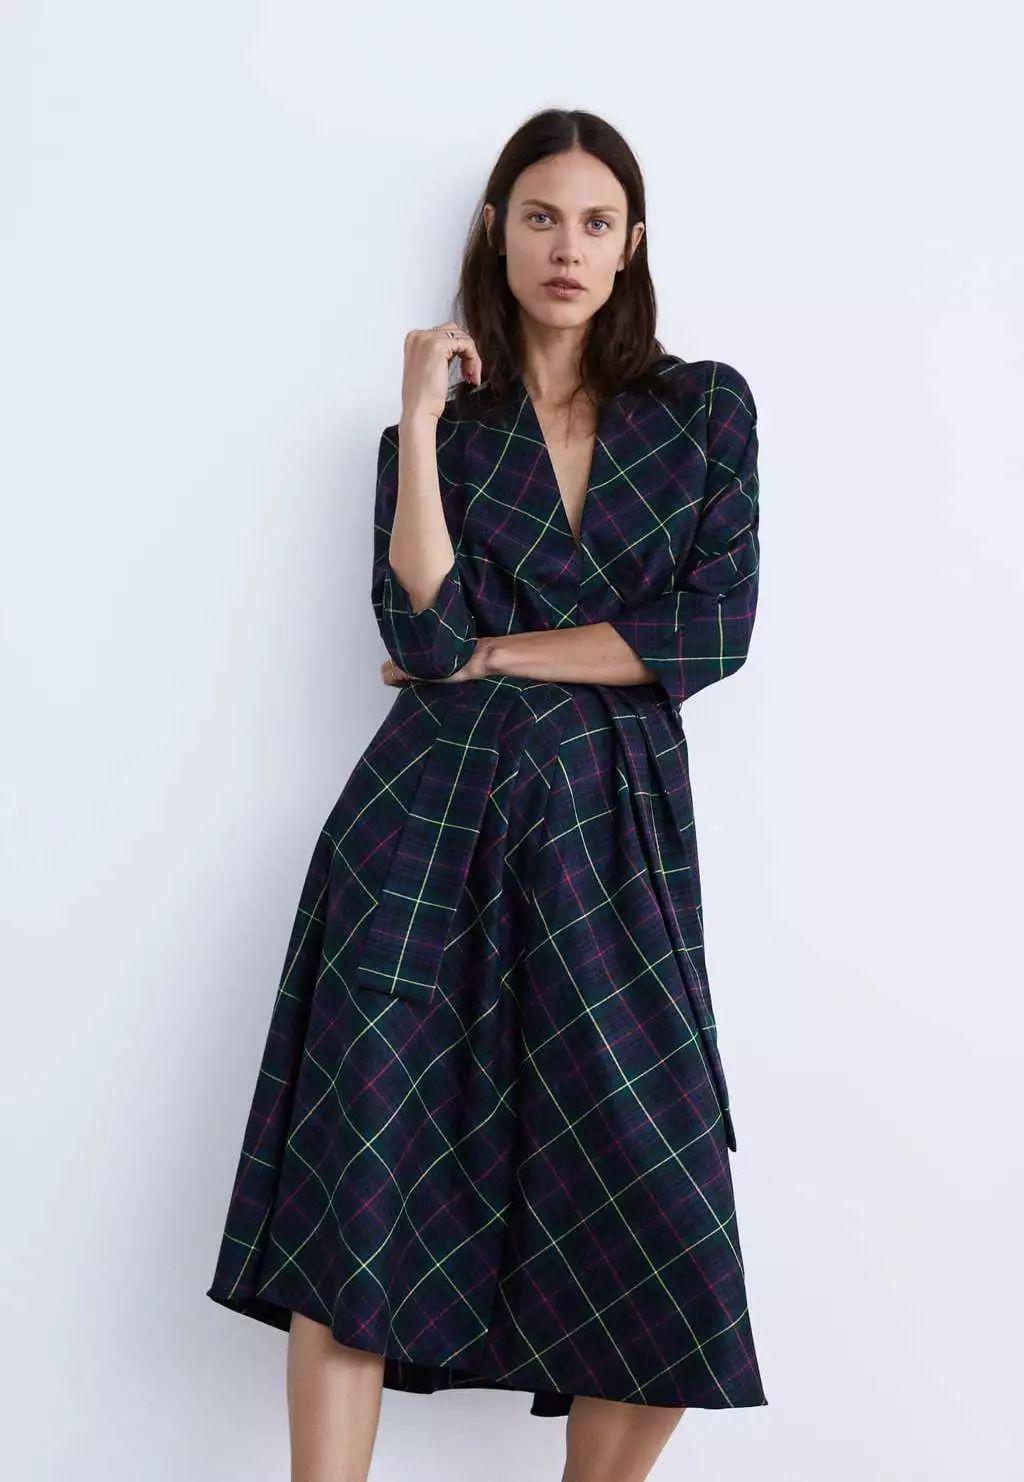 zara格子连衣裙图片